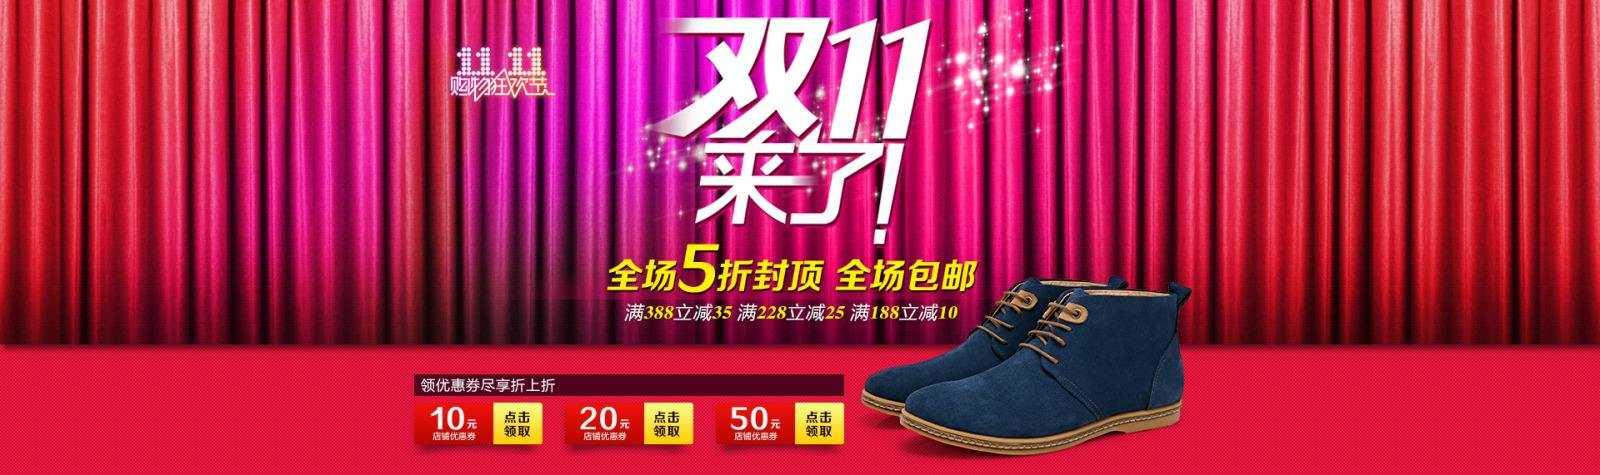 双十一值得买的运动鞋有哪些_2020双十一值得购买的鞋子推荐